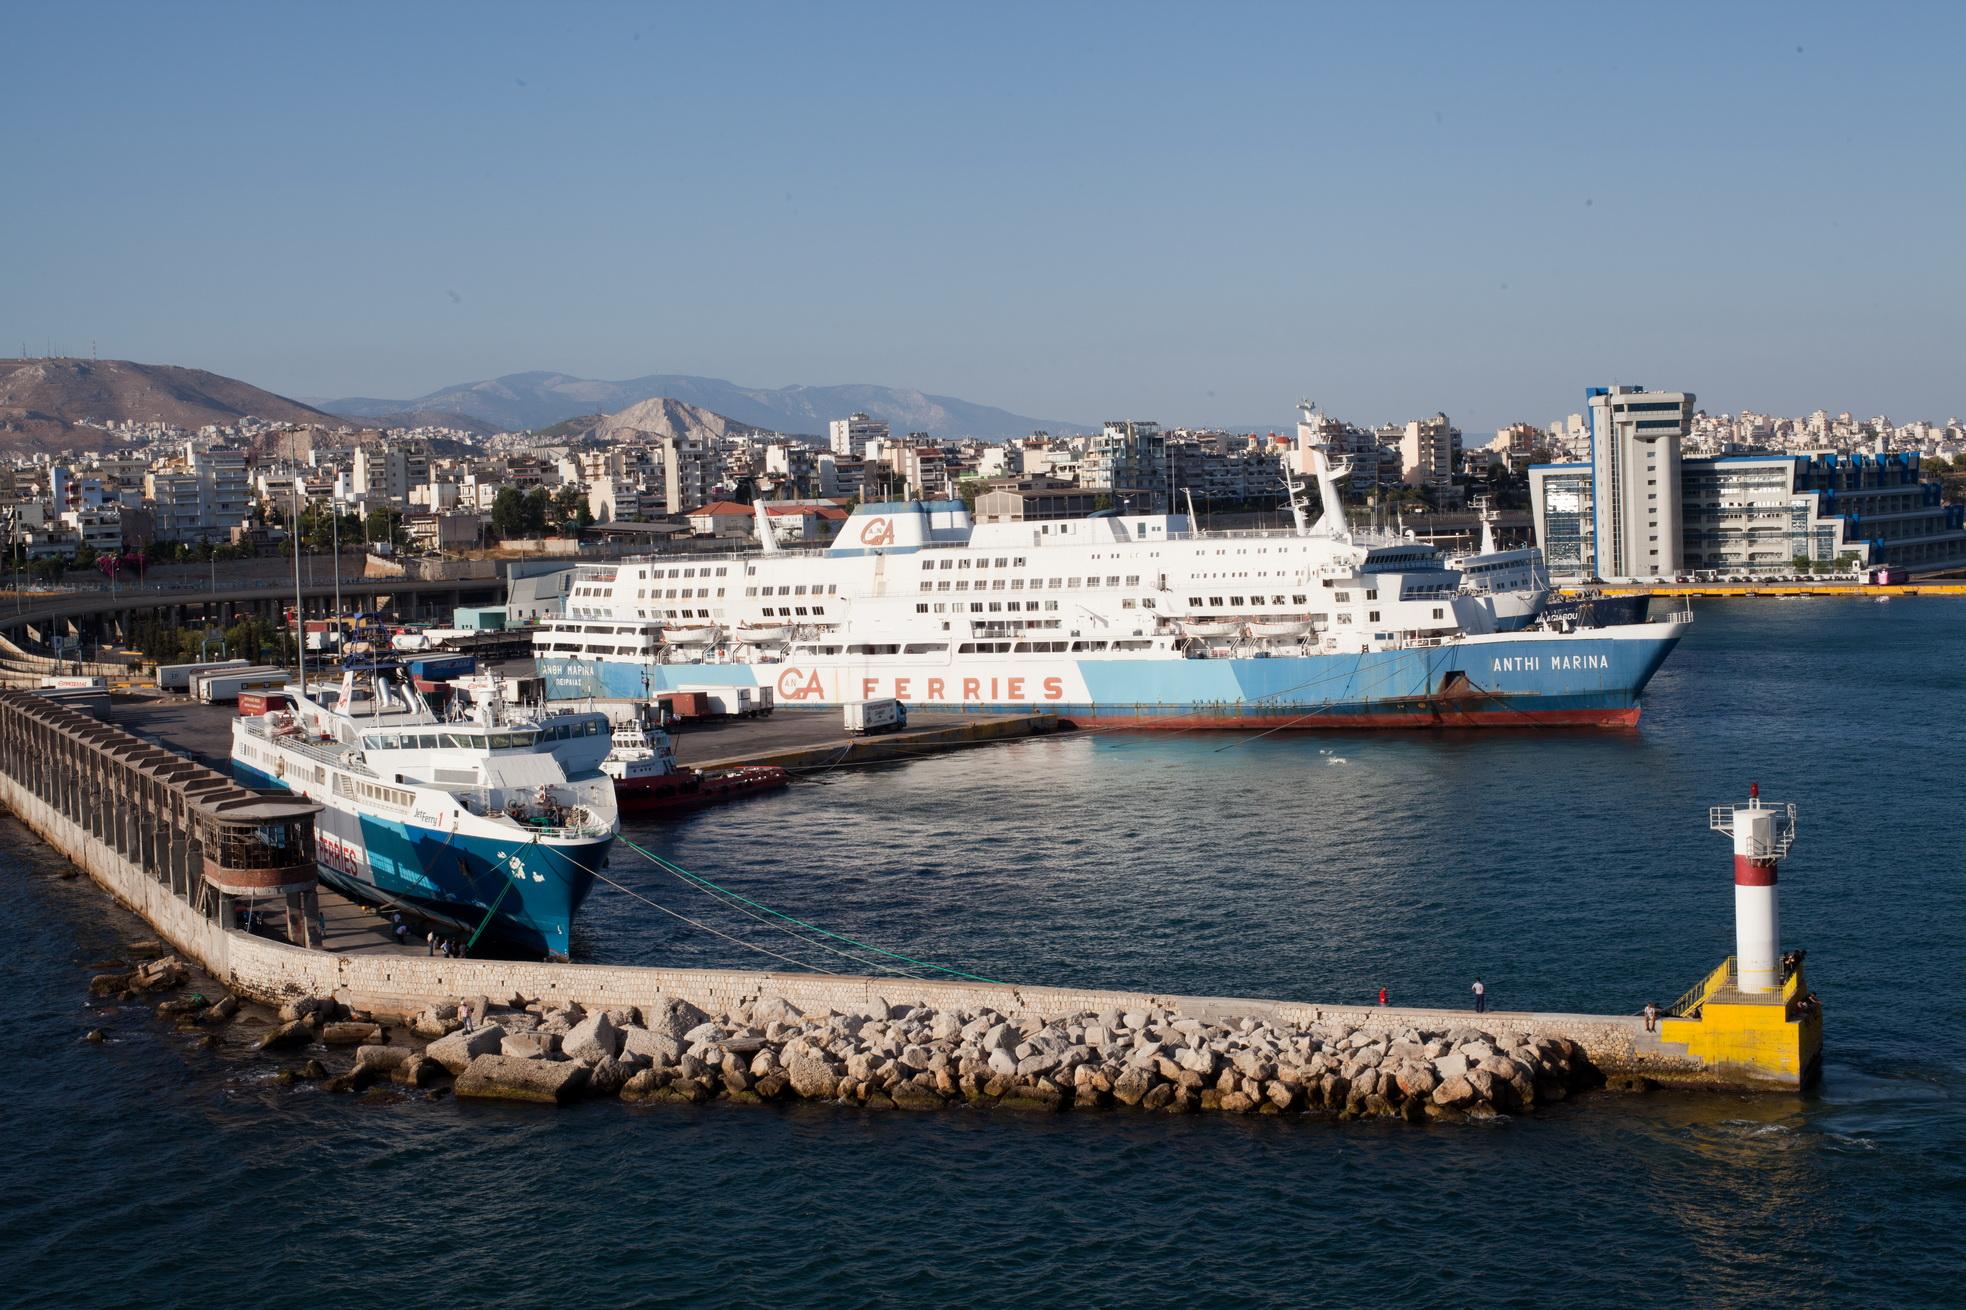 MS Anthi Marina IMO 7820473 GA Ferries docked Piraeus Port of Athens Greece 03